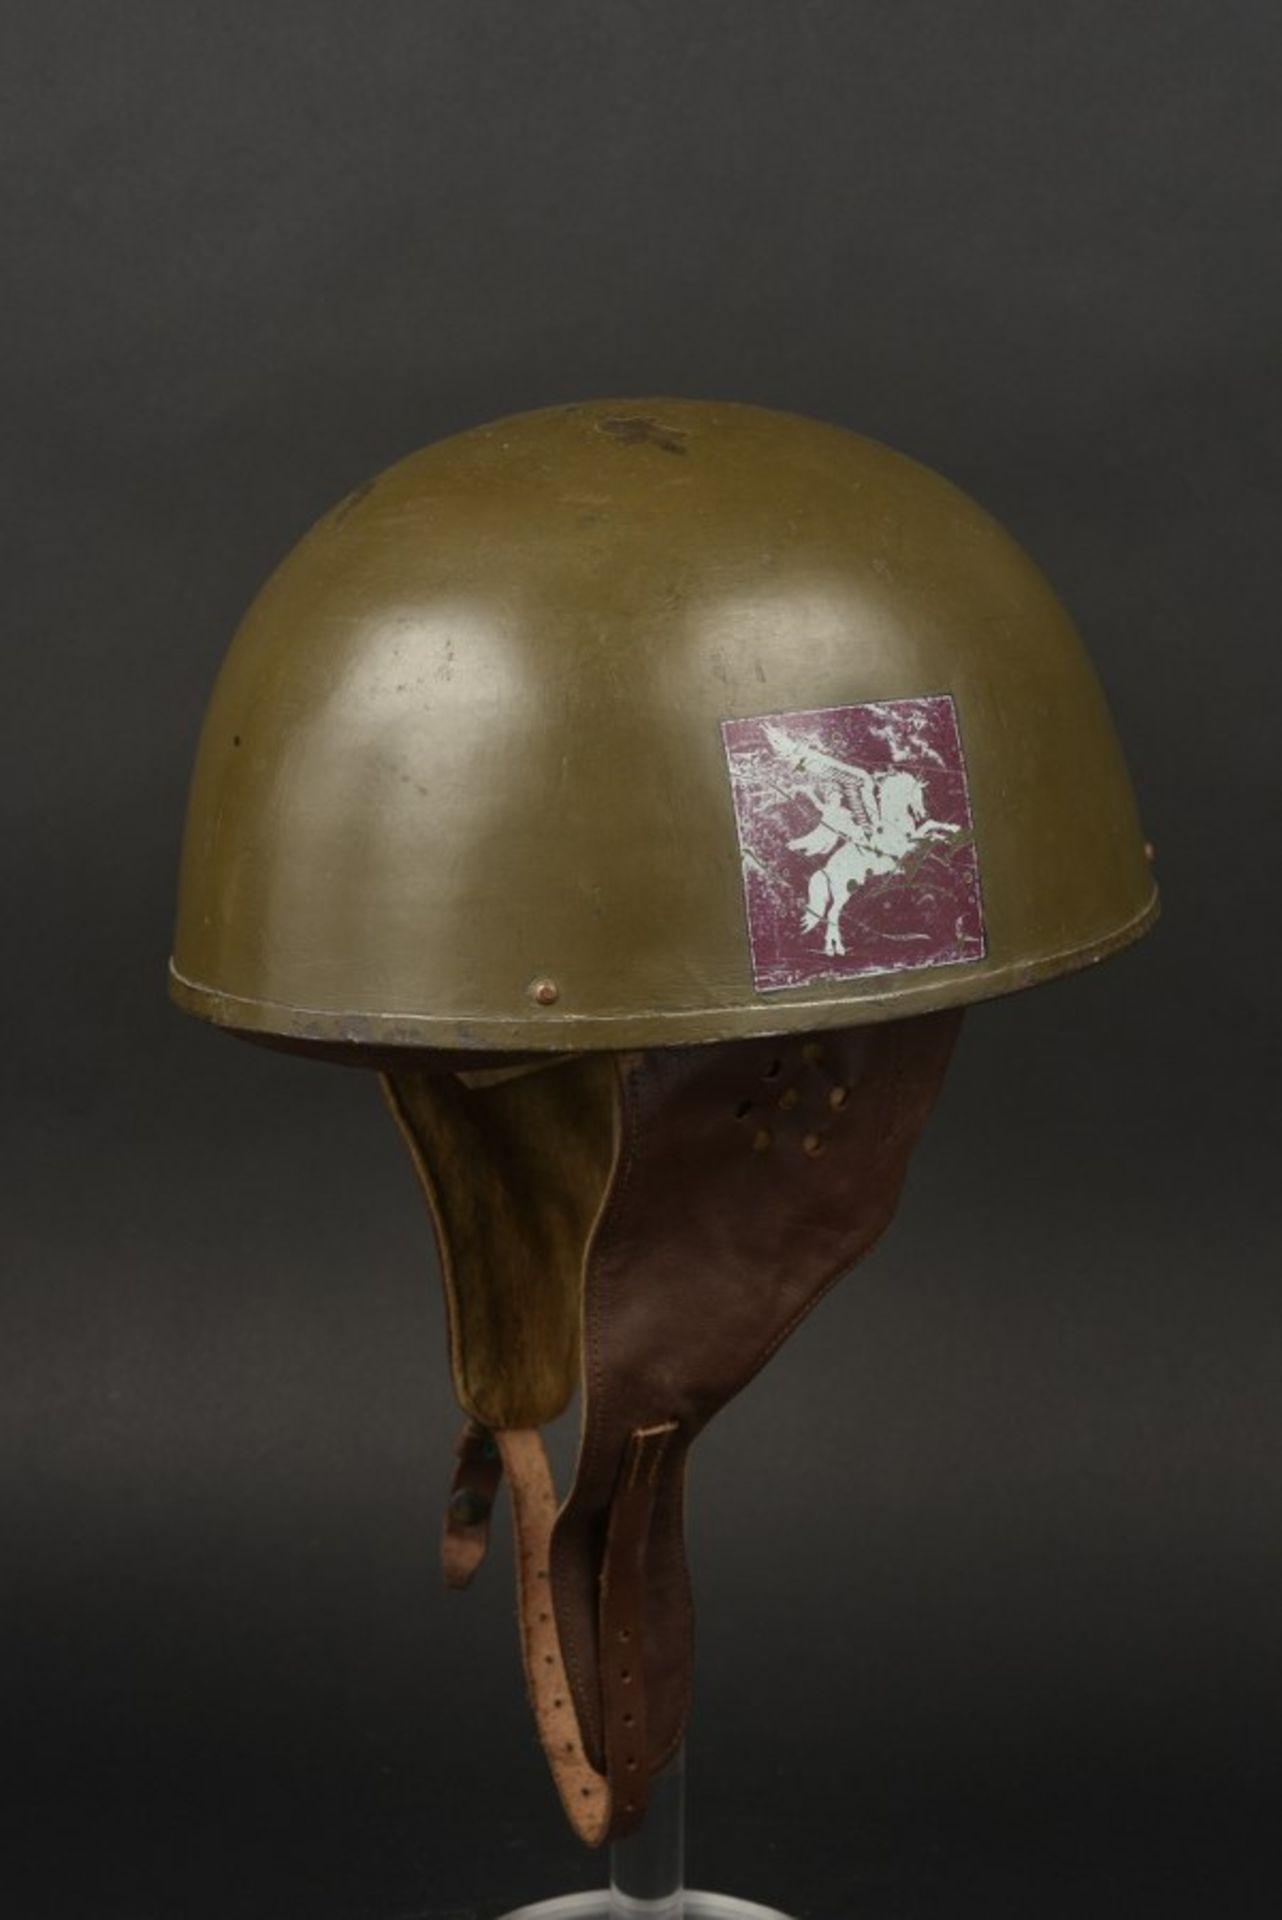 Casque de motocycliste de la 6ème Airborne britannique. Motorcycle helmet of the British 6th